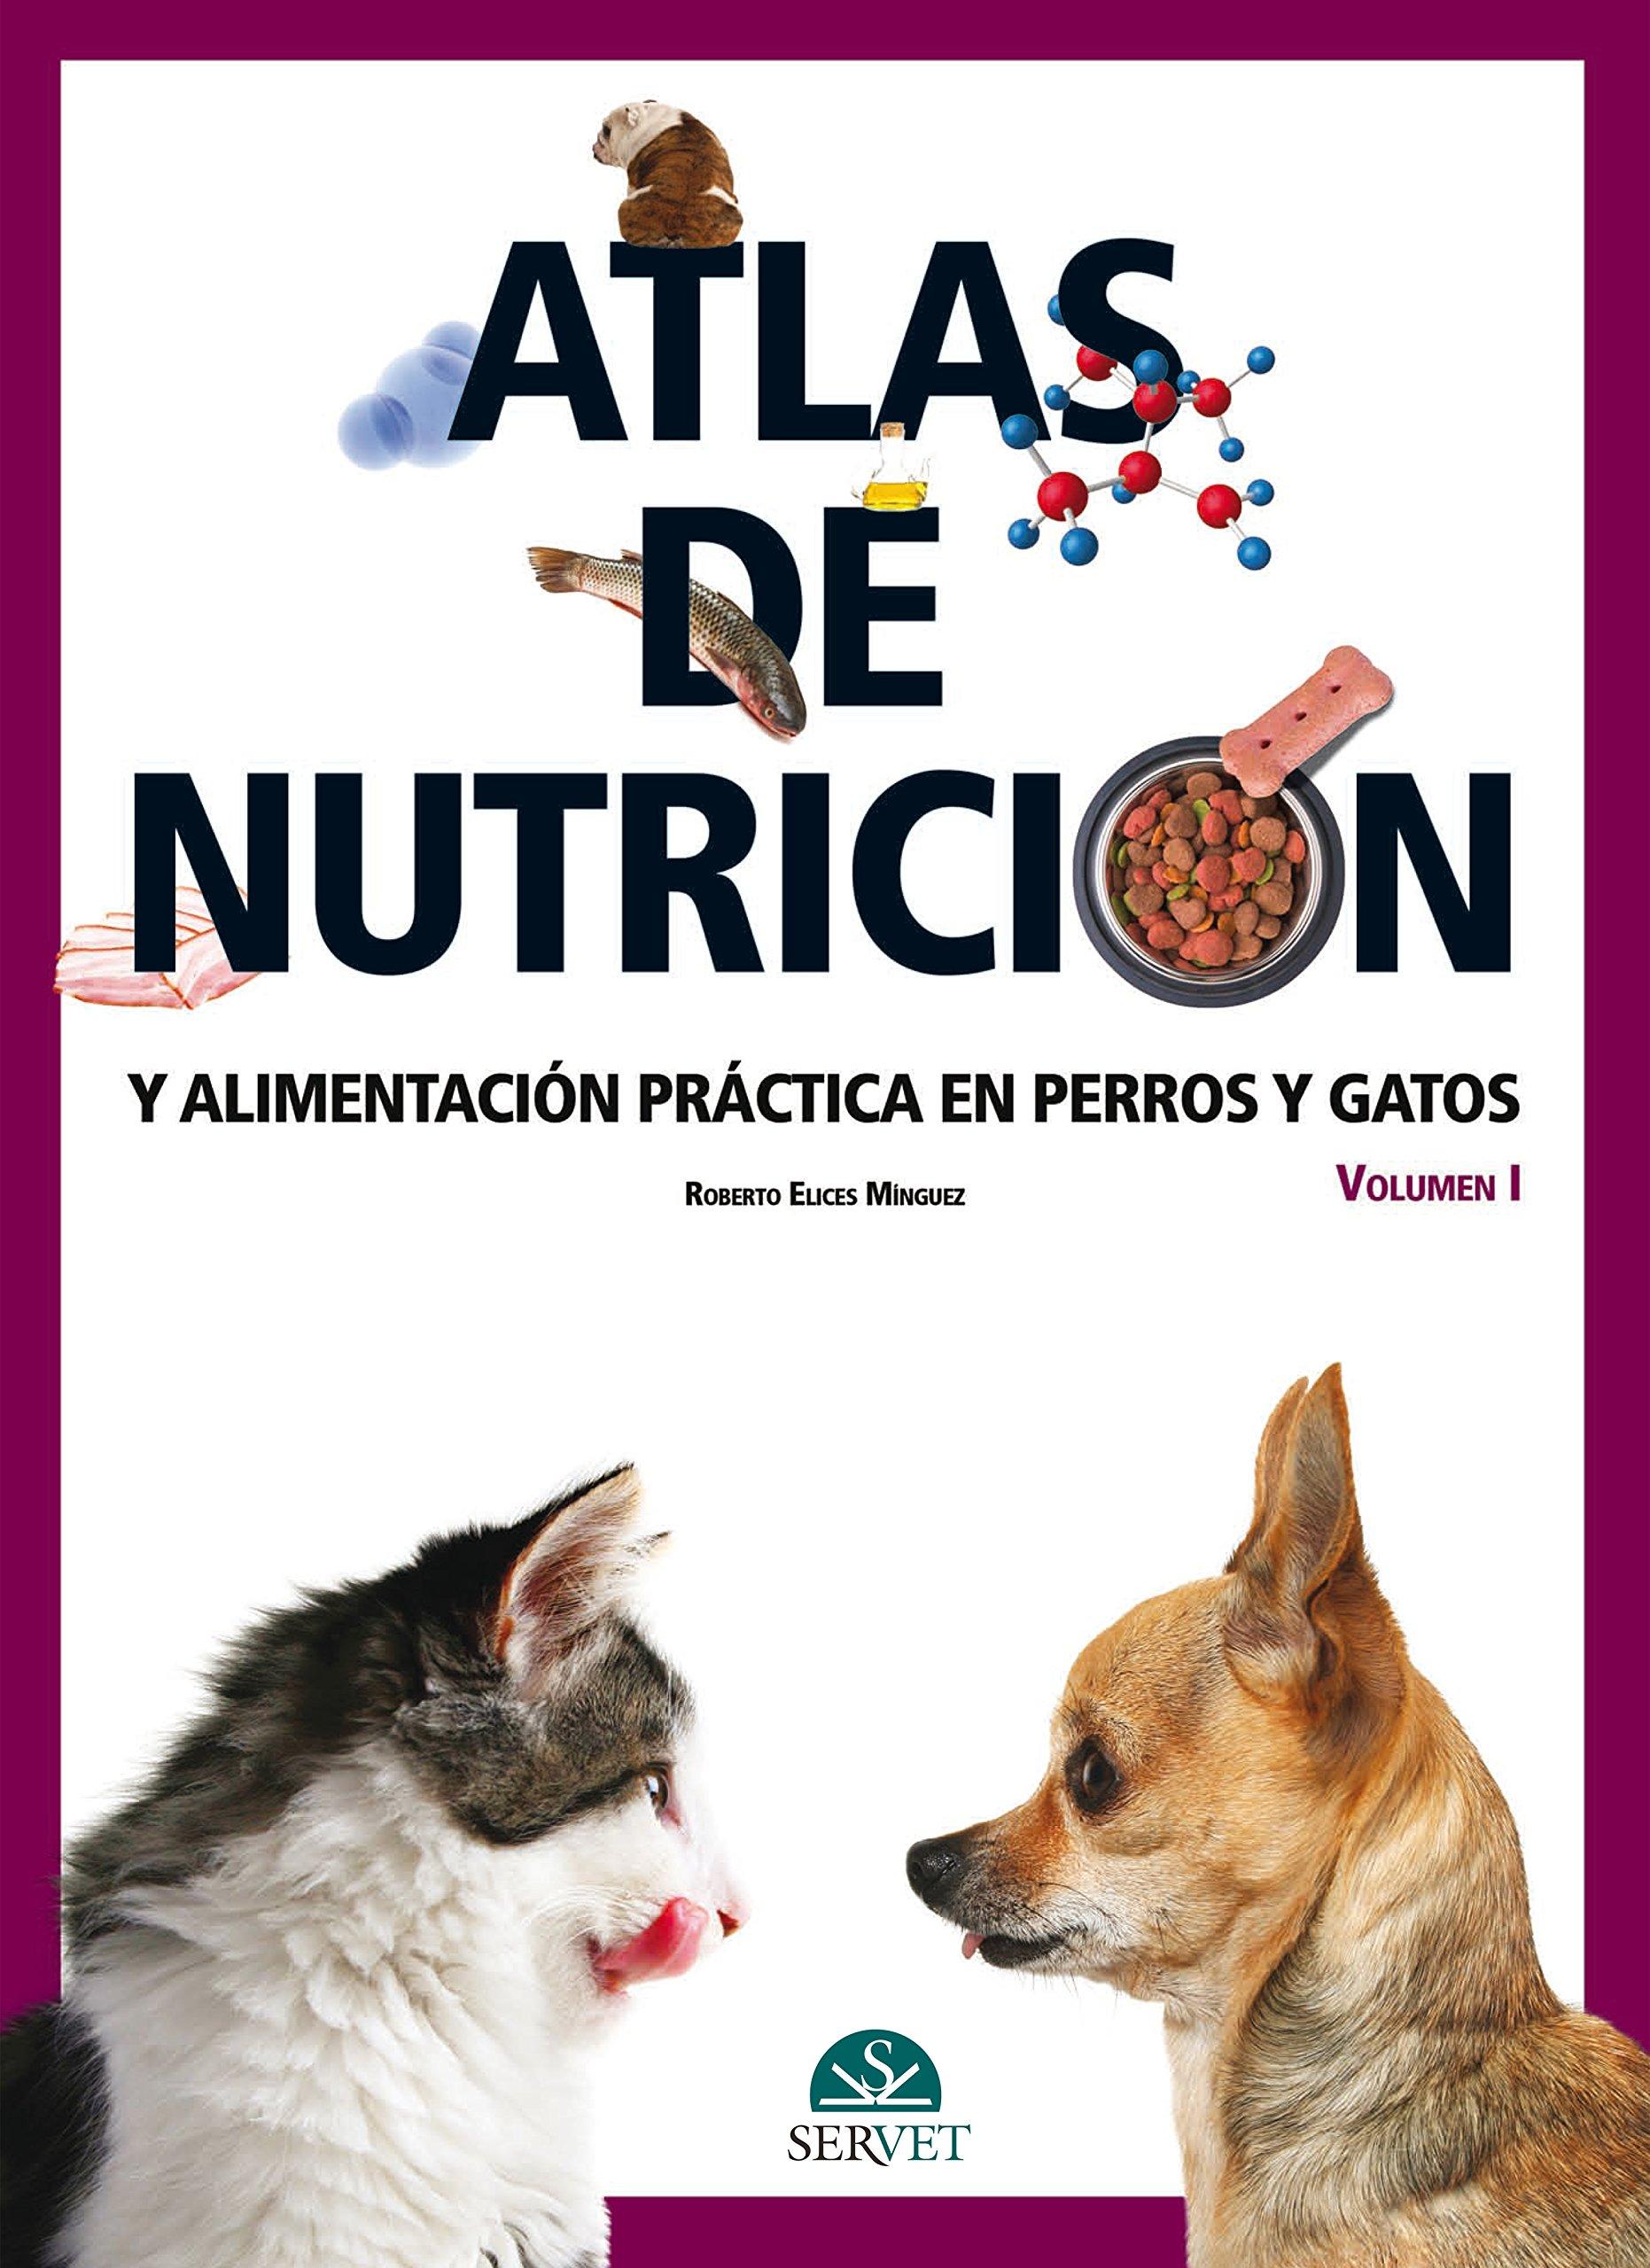 Atlas de nutrición y alimentación práctica en perros y gatos (Spanish) Hardcover – October 1, 2010